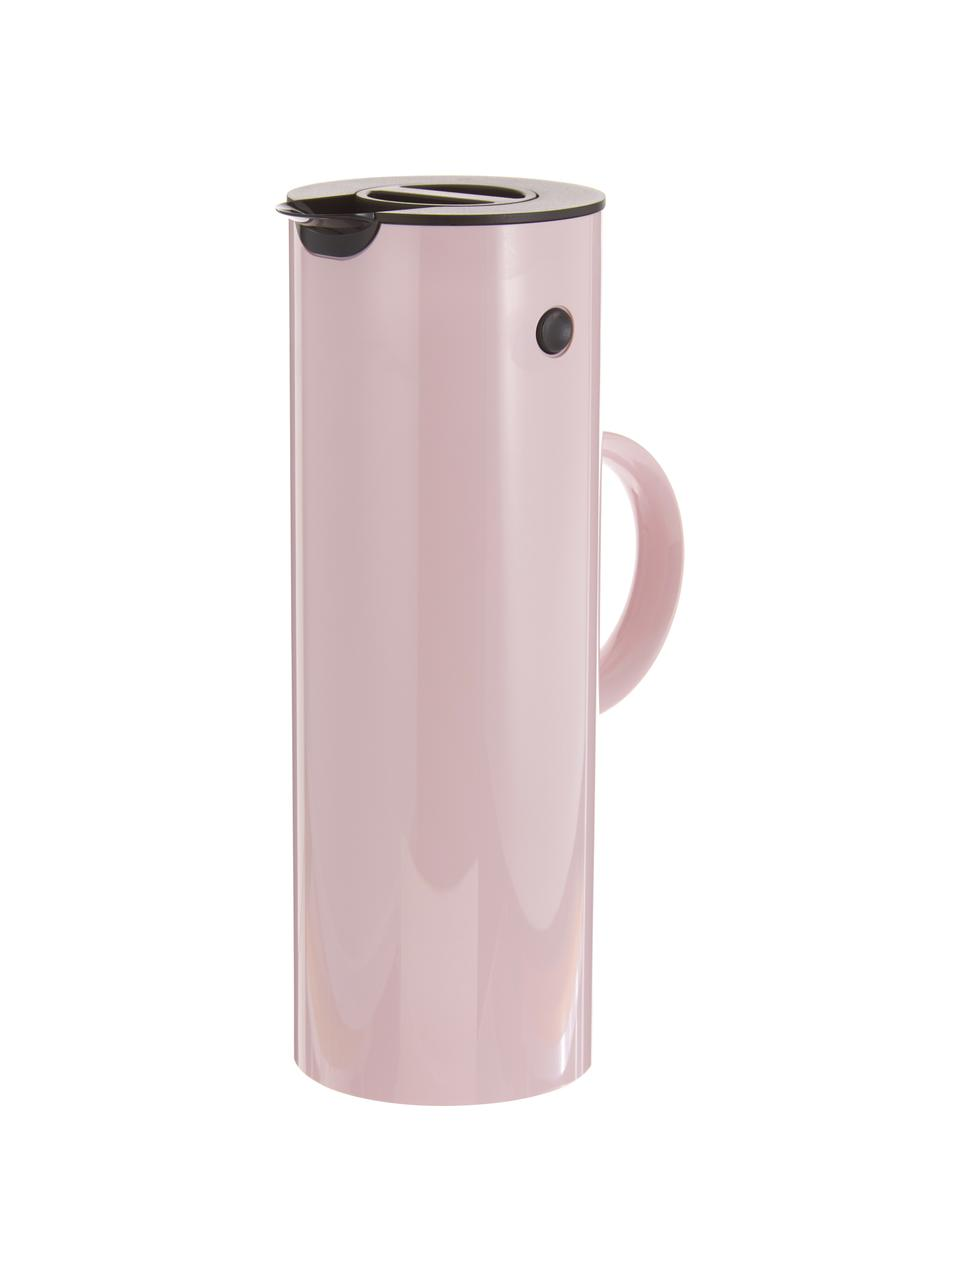 Isolierkanne EM77 in Rosa glänzend, 1 L, ABS-Kunststoff, im Inneren mit Glaseinsatz, Lavendelfarben, 1 l